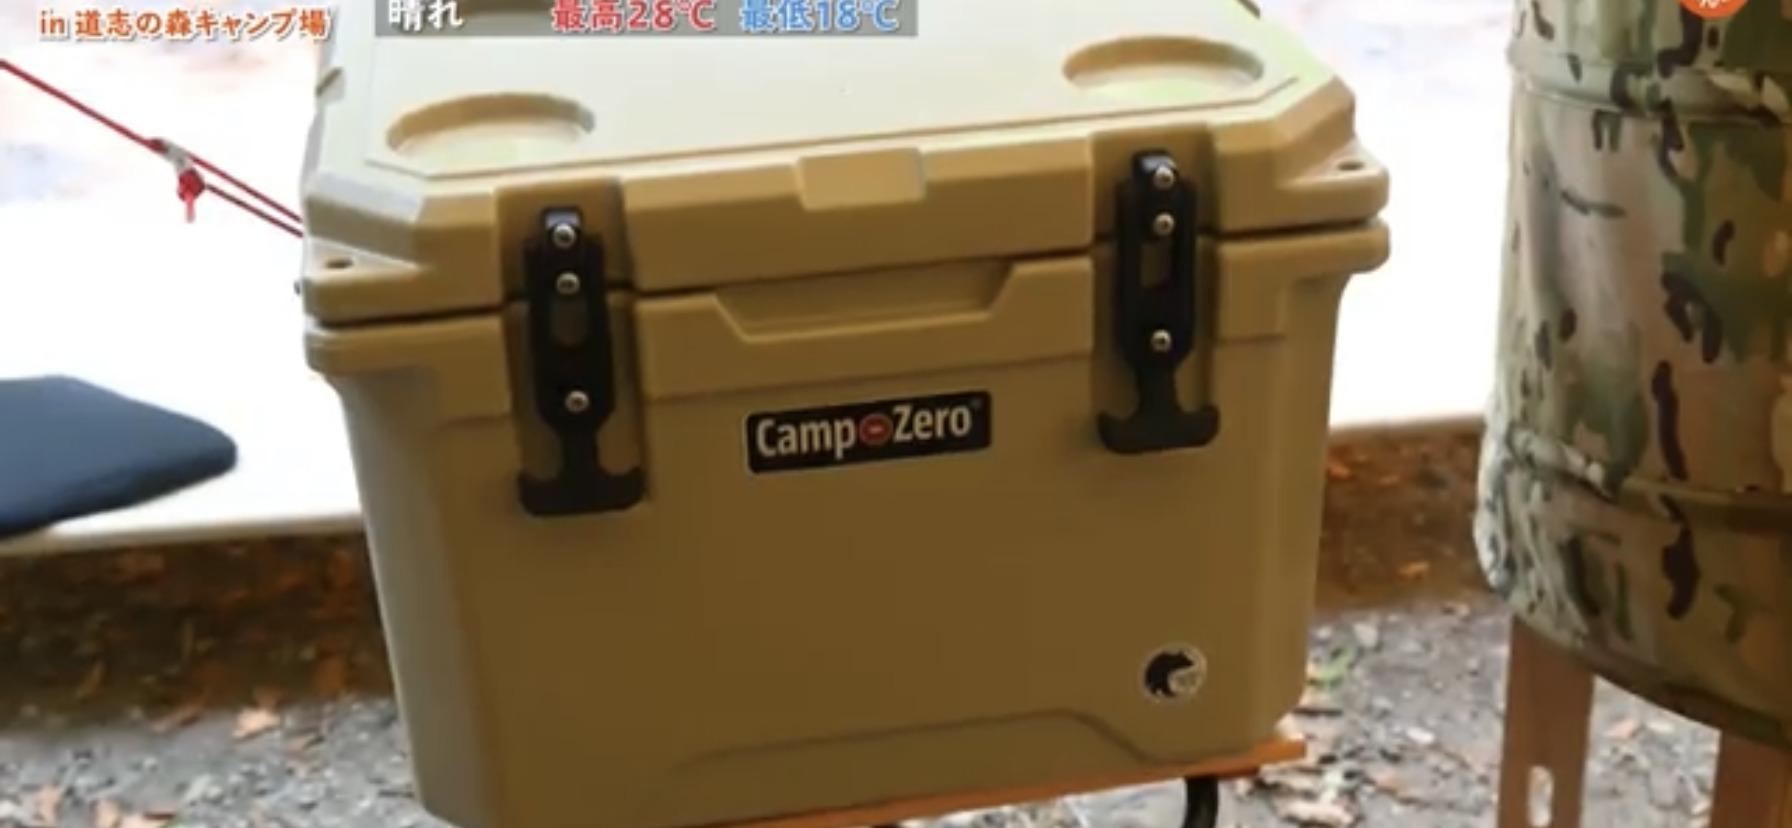 クーラーボックス:【コストコ】 camp zero